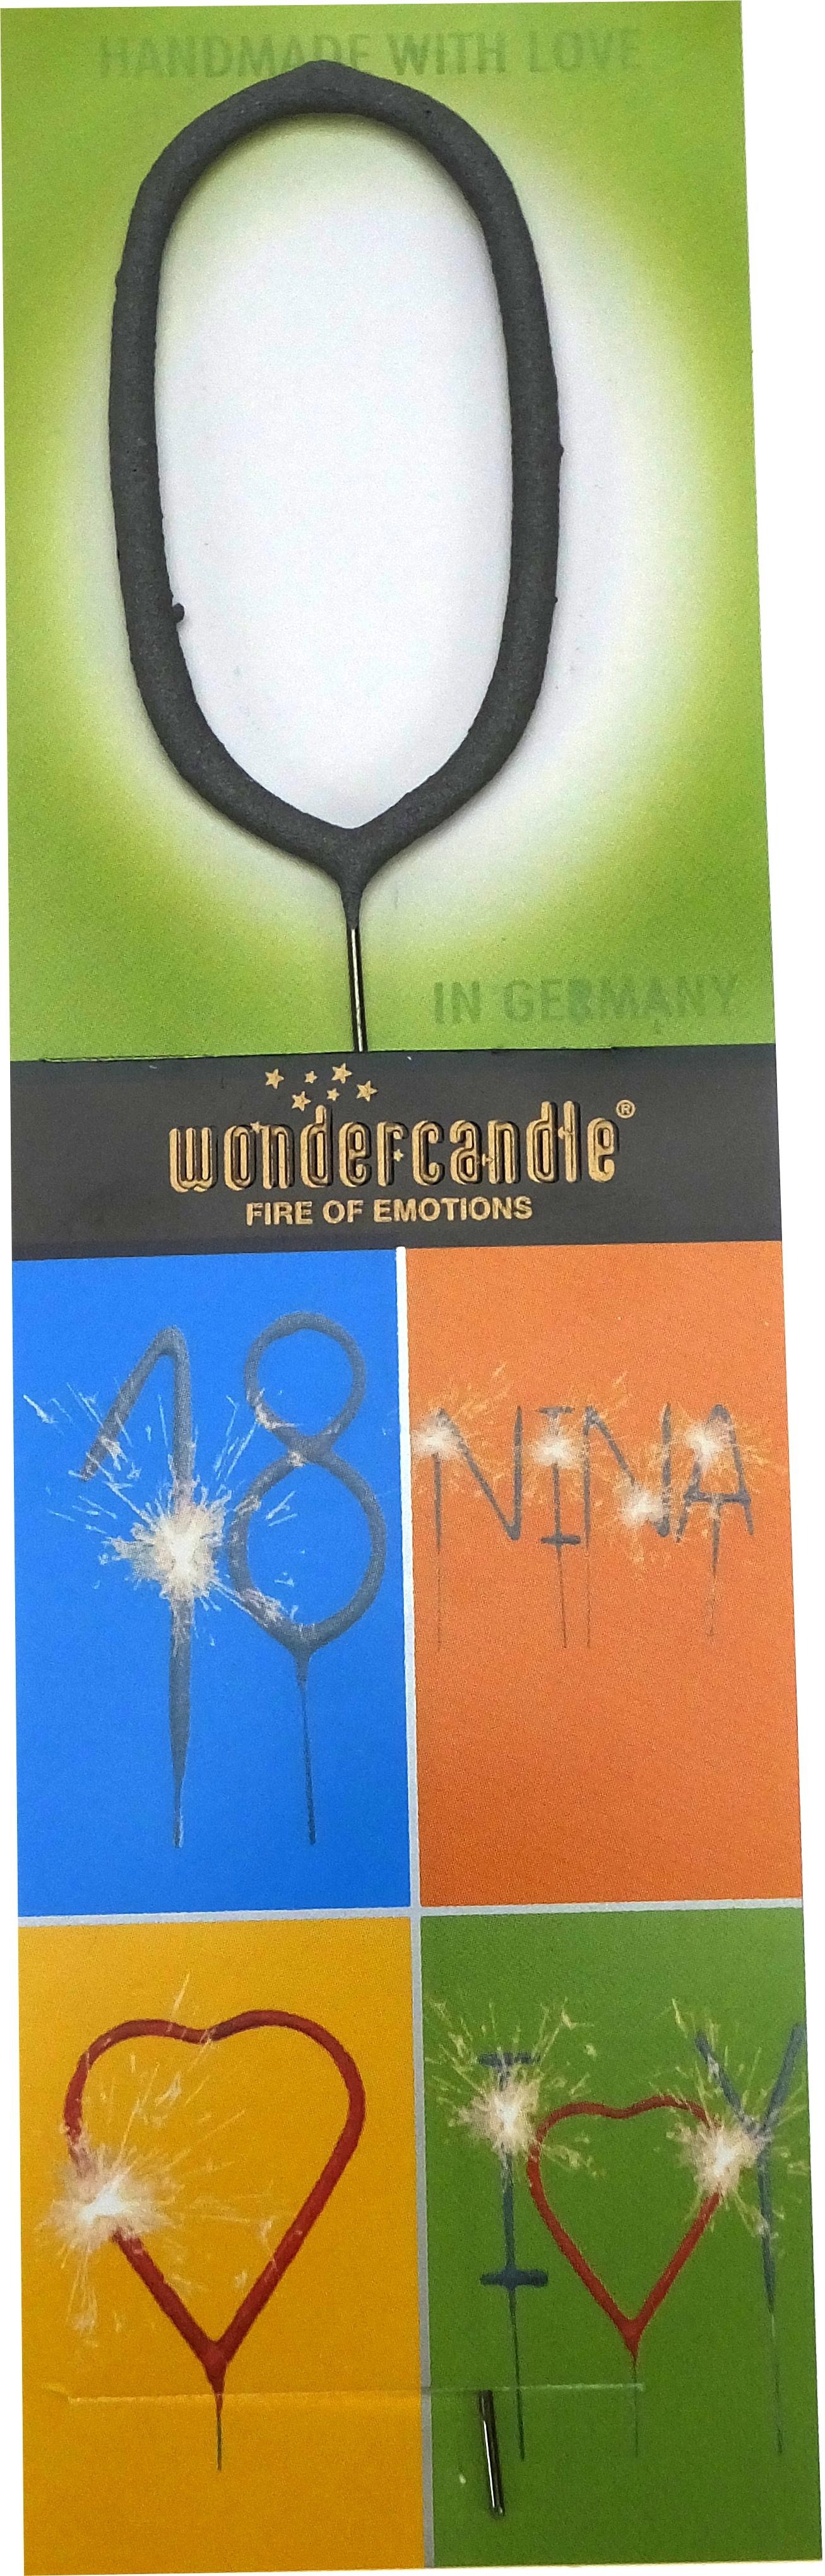 Wondercandle,Zahl 0 Wunderkerze, Tischfeuerwerk